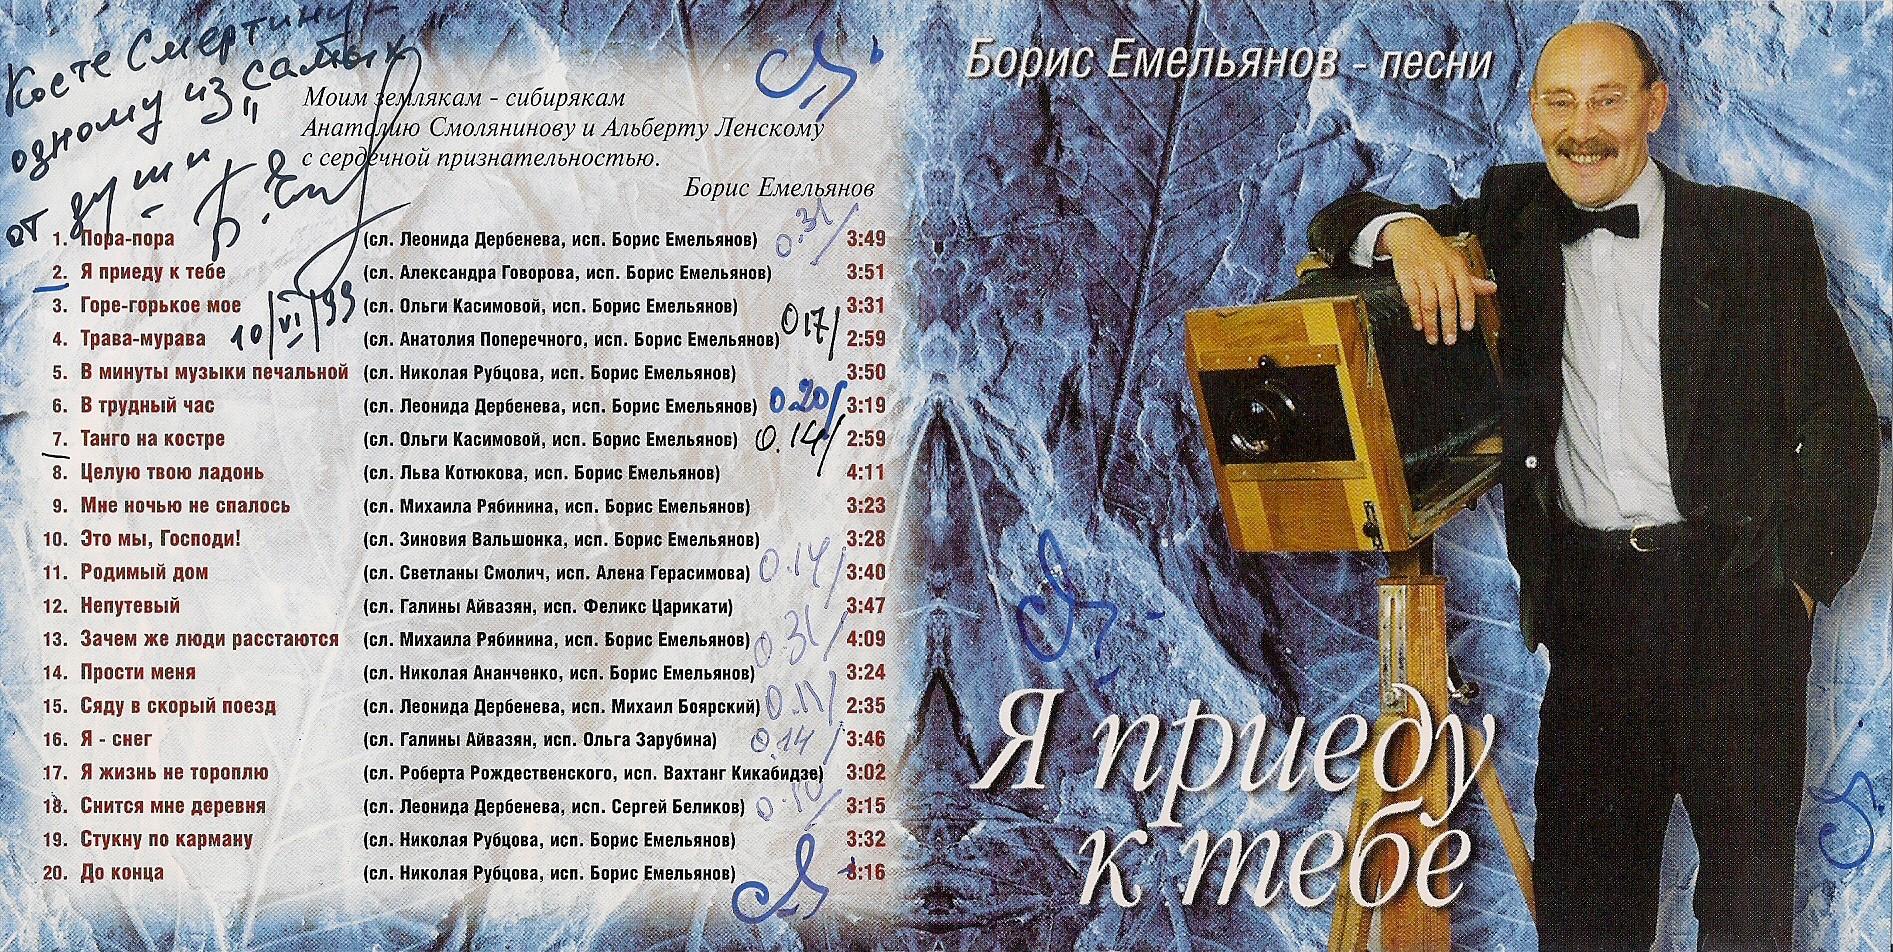 Название: _Эти песни Б.Емельянова  звучали на Маяке.jpg Просмотров: 74  Размер: 1.03 Мб